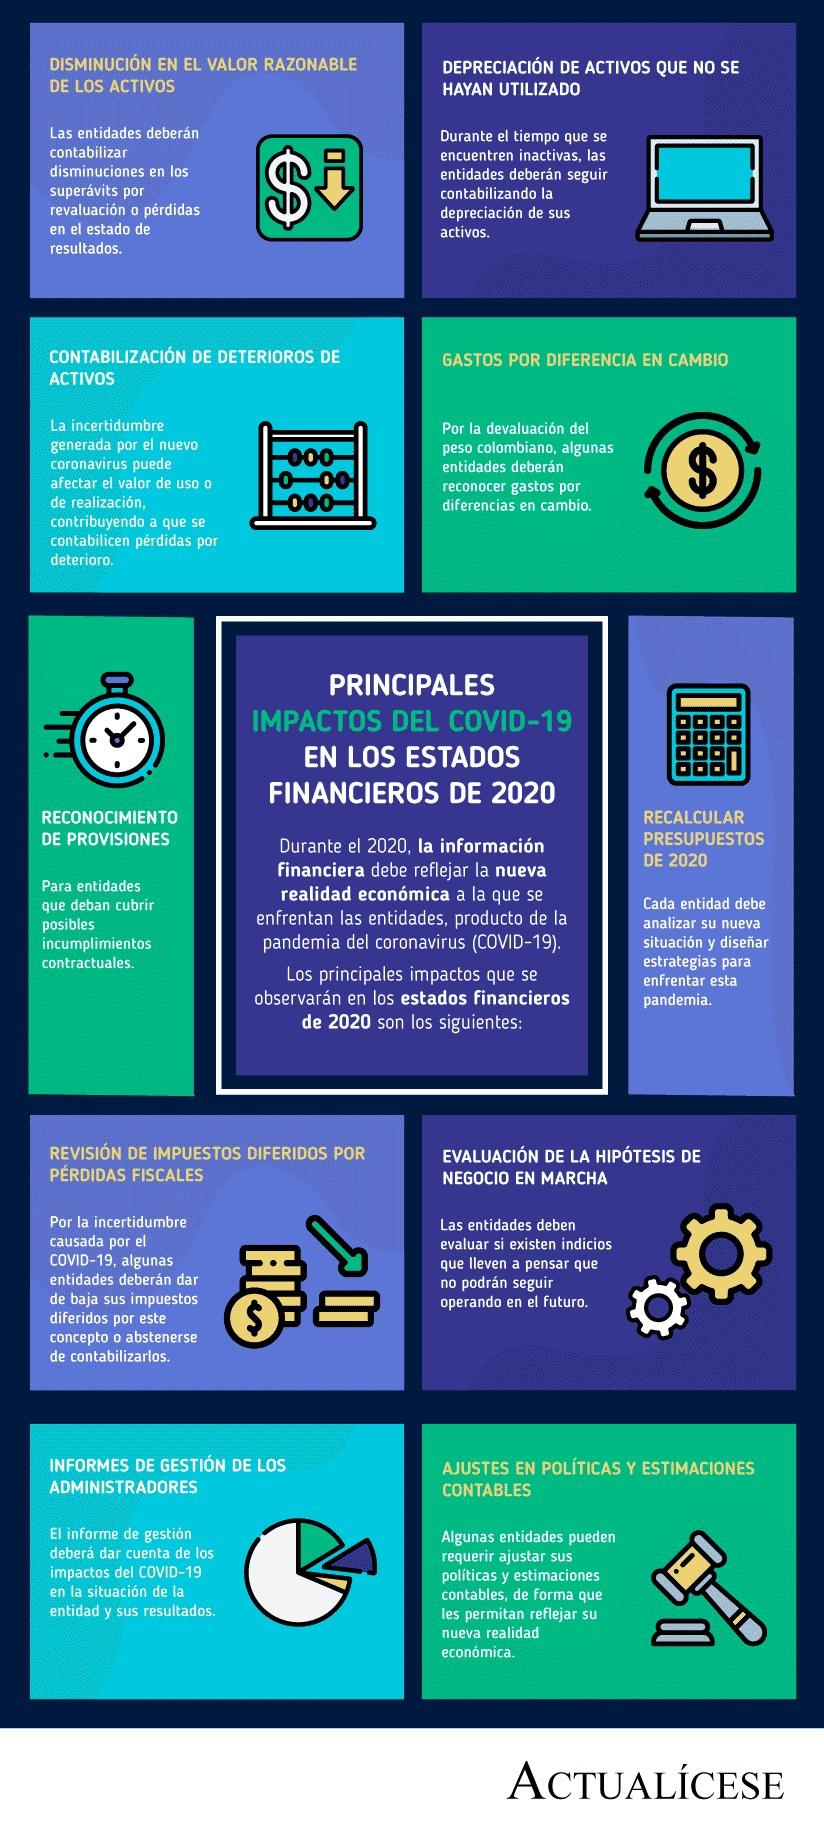 [Infografía] Principales impactos del COVID-19 en los estados financieros de 2020